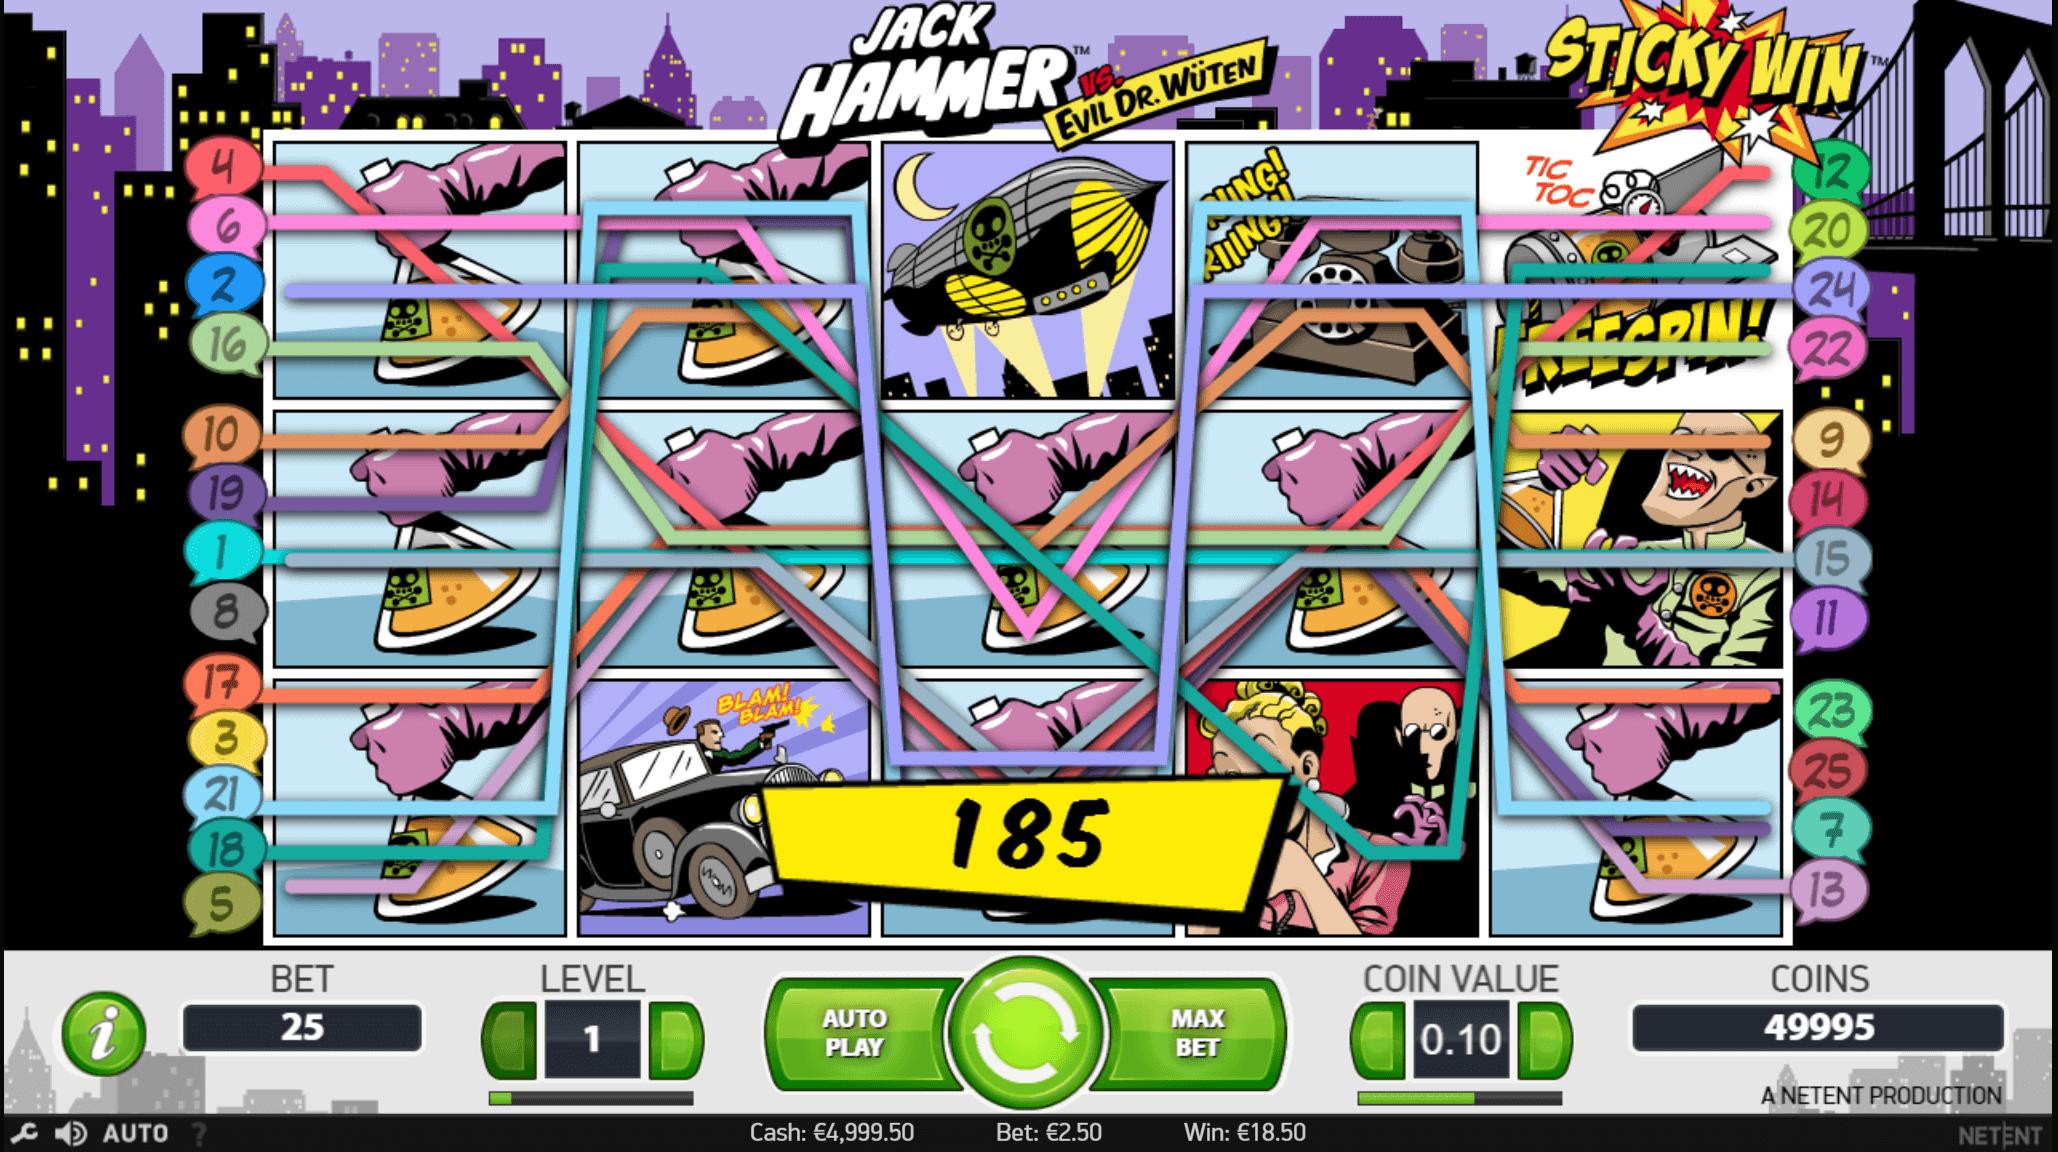 Jack Hammer slot NetEnt